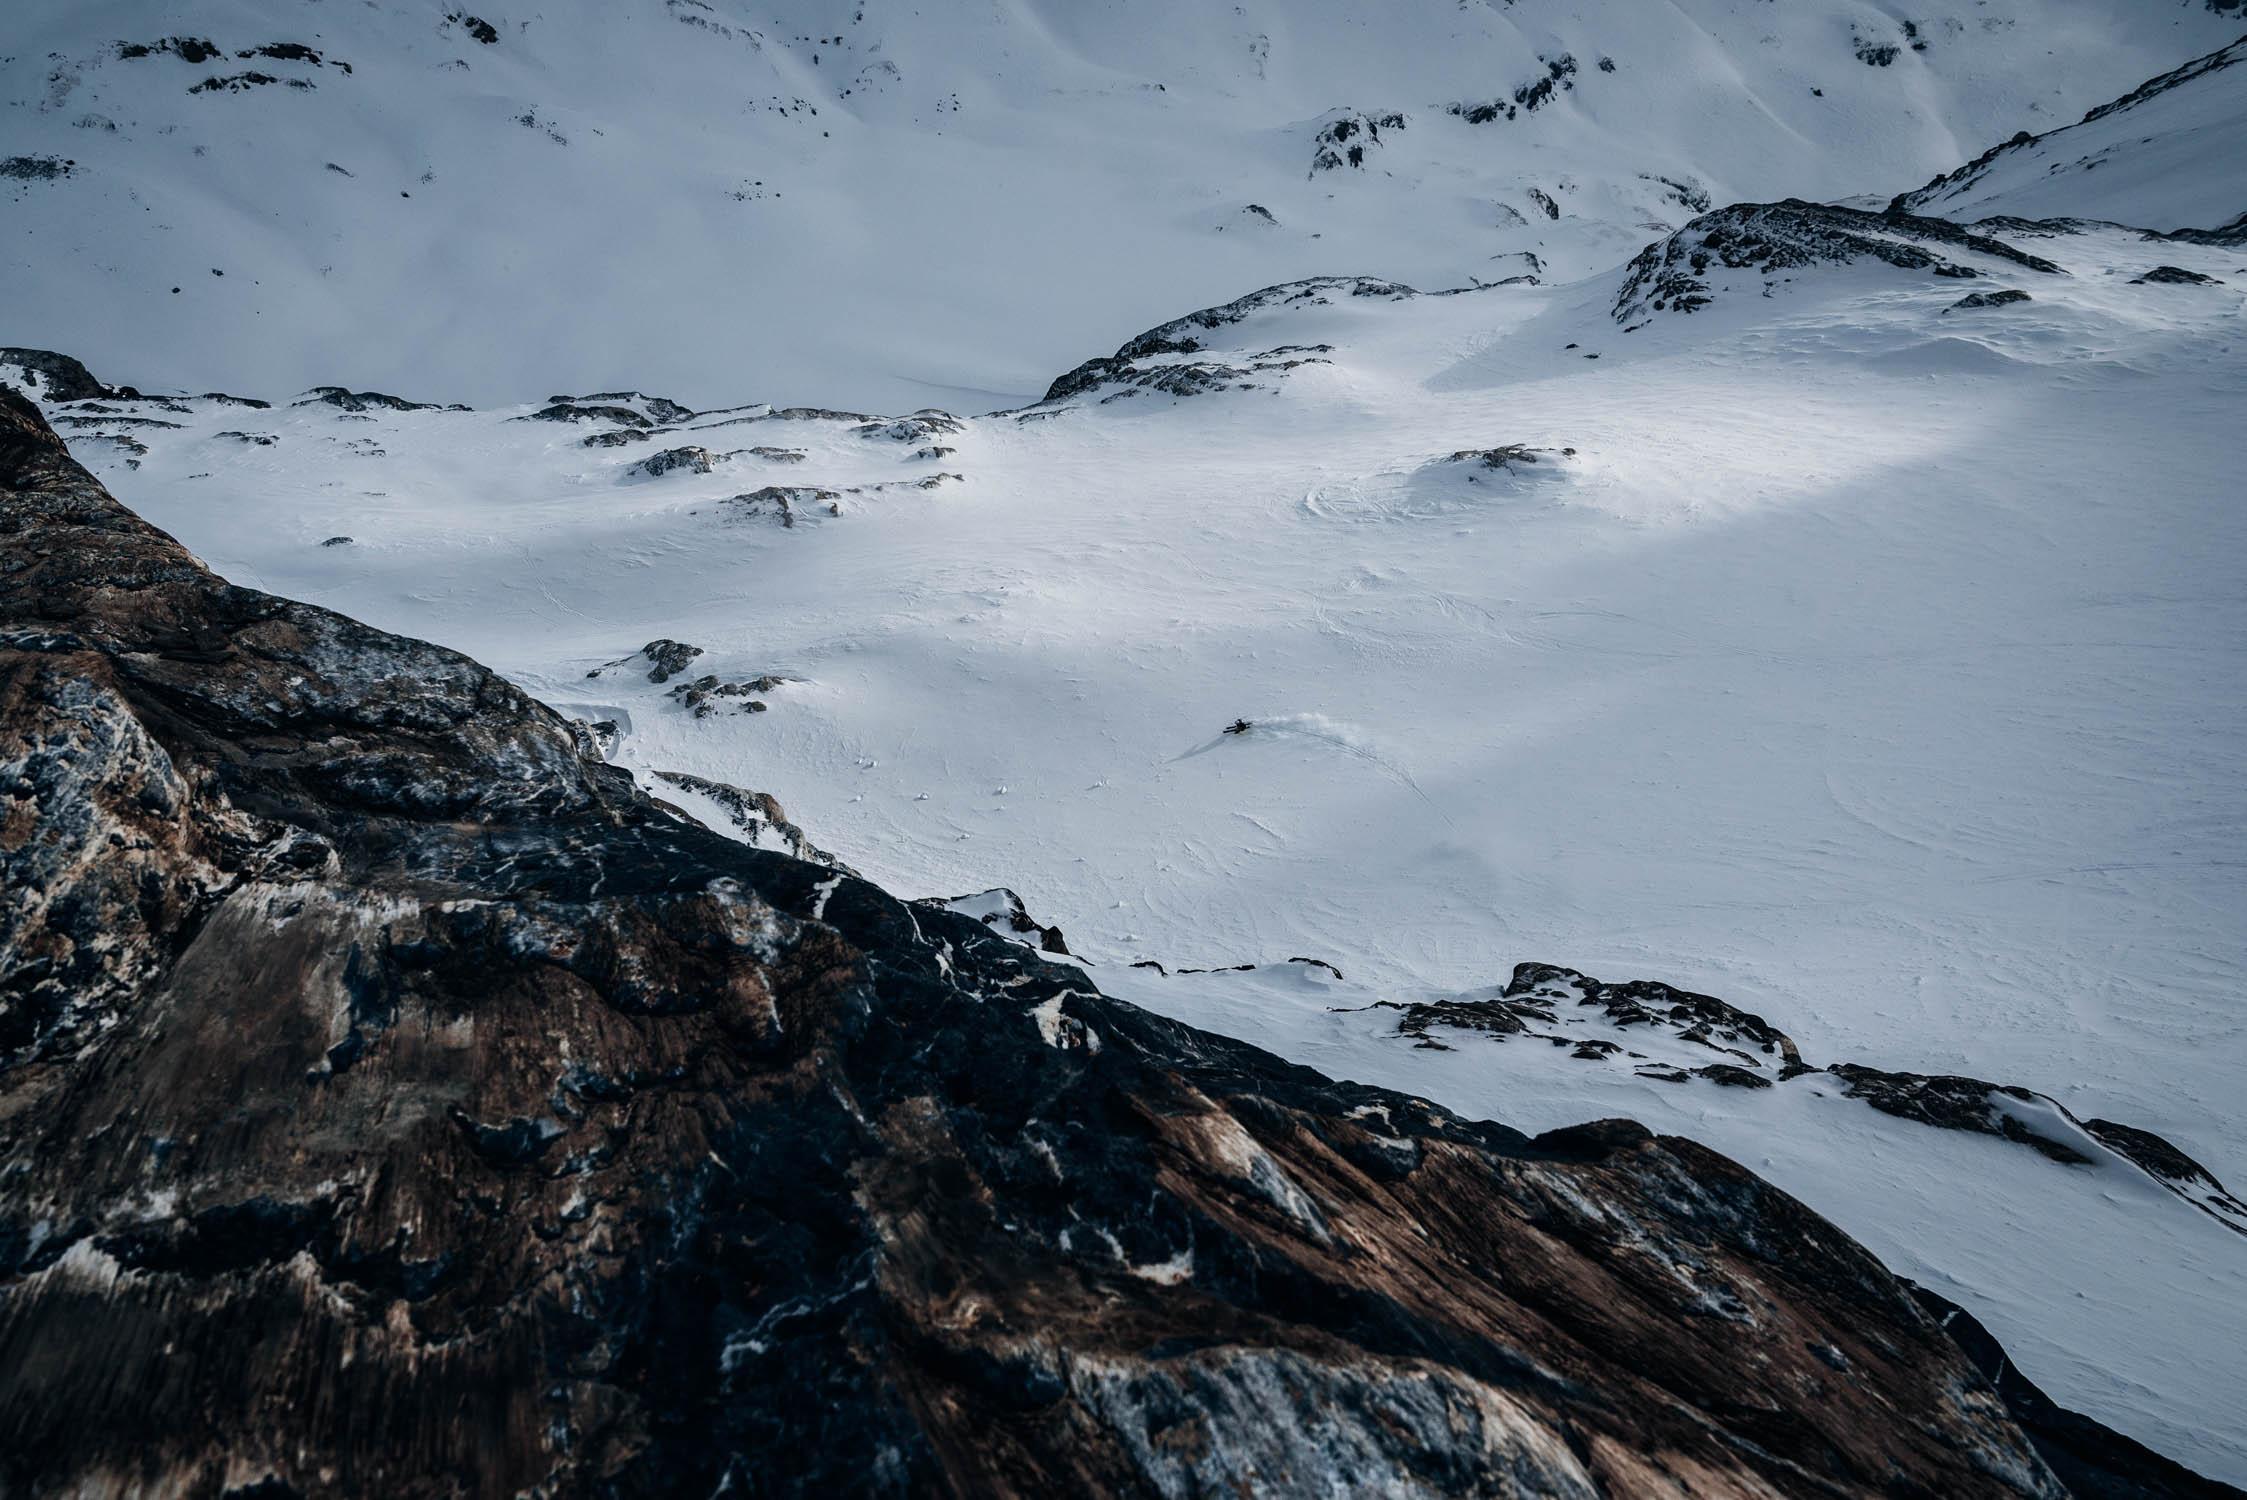 gustav-thuesen-adventure-outdoor-lifestyle-skiing-action-sport-8.jpg